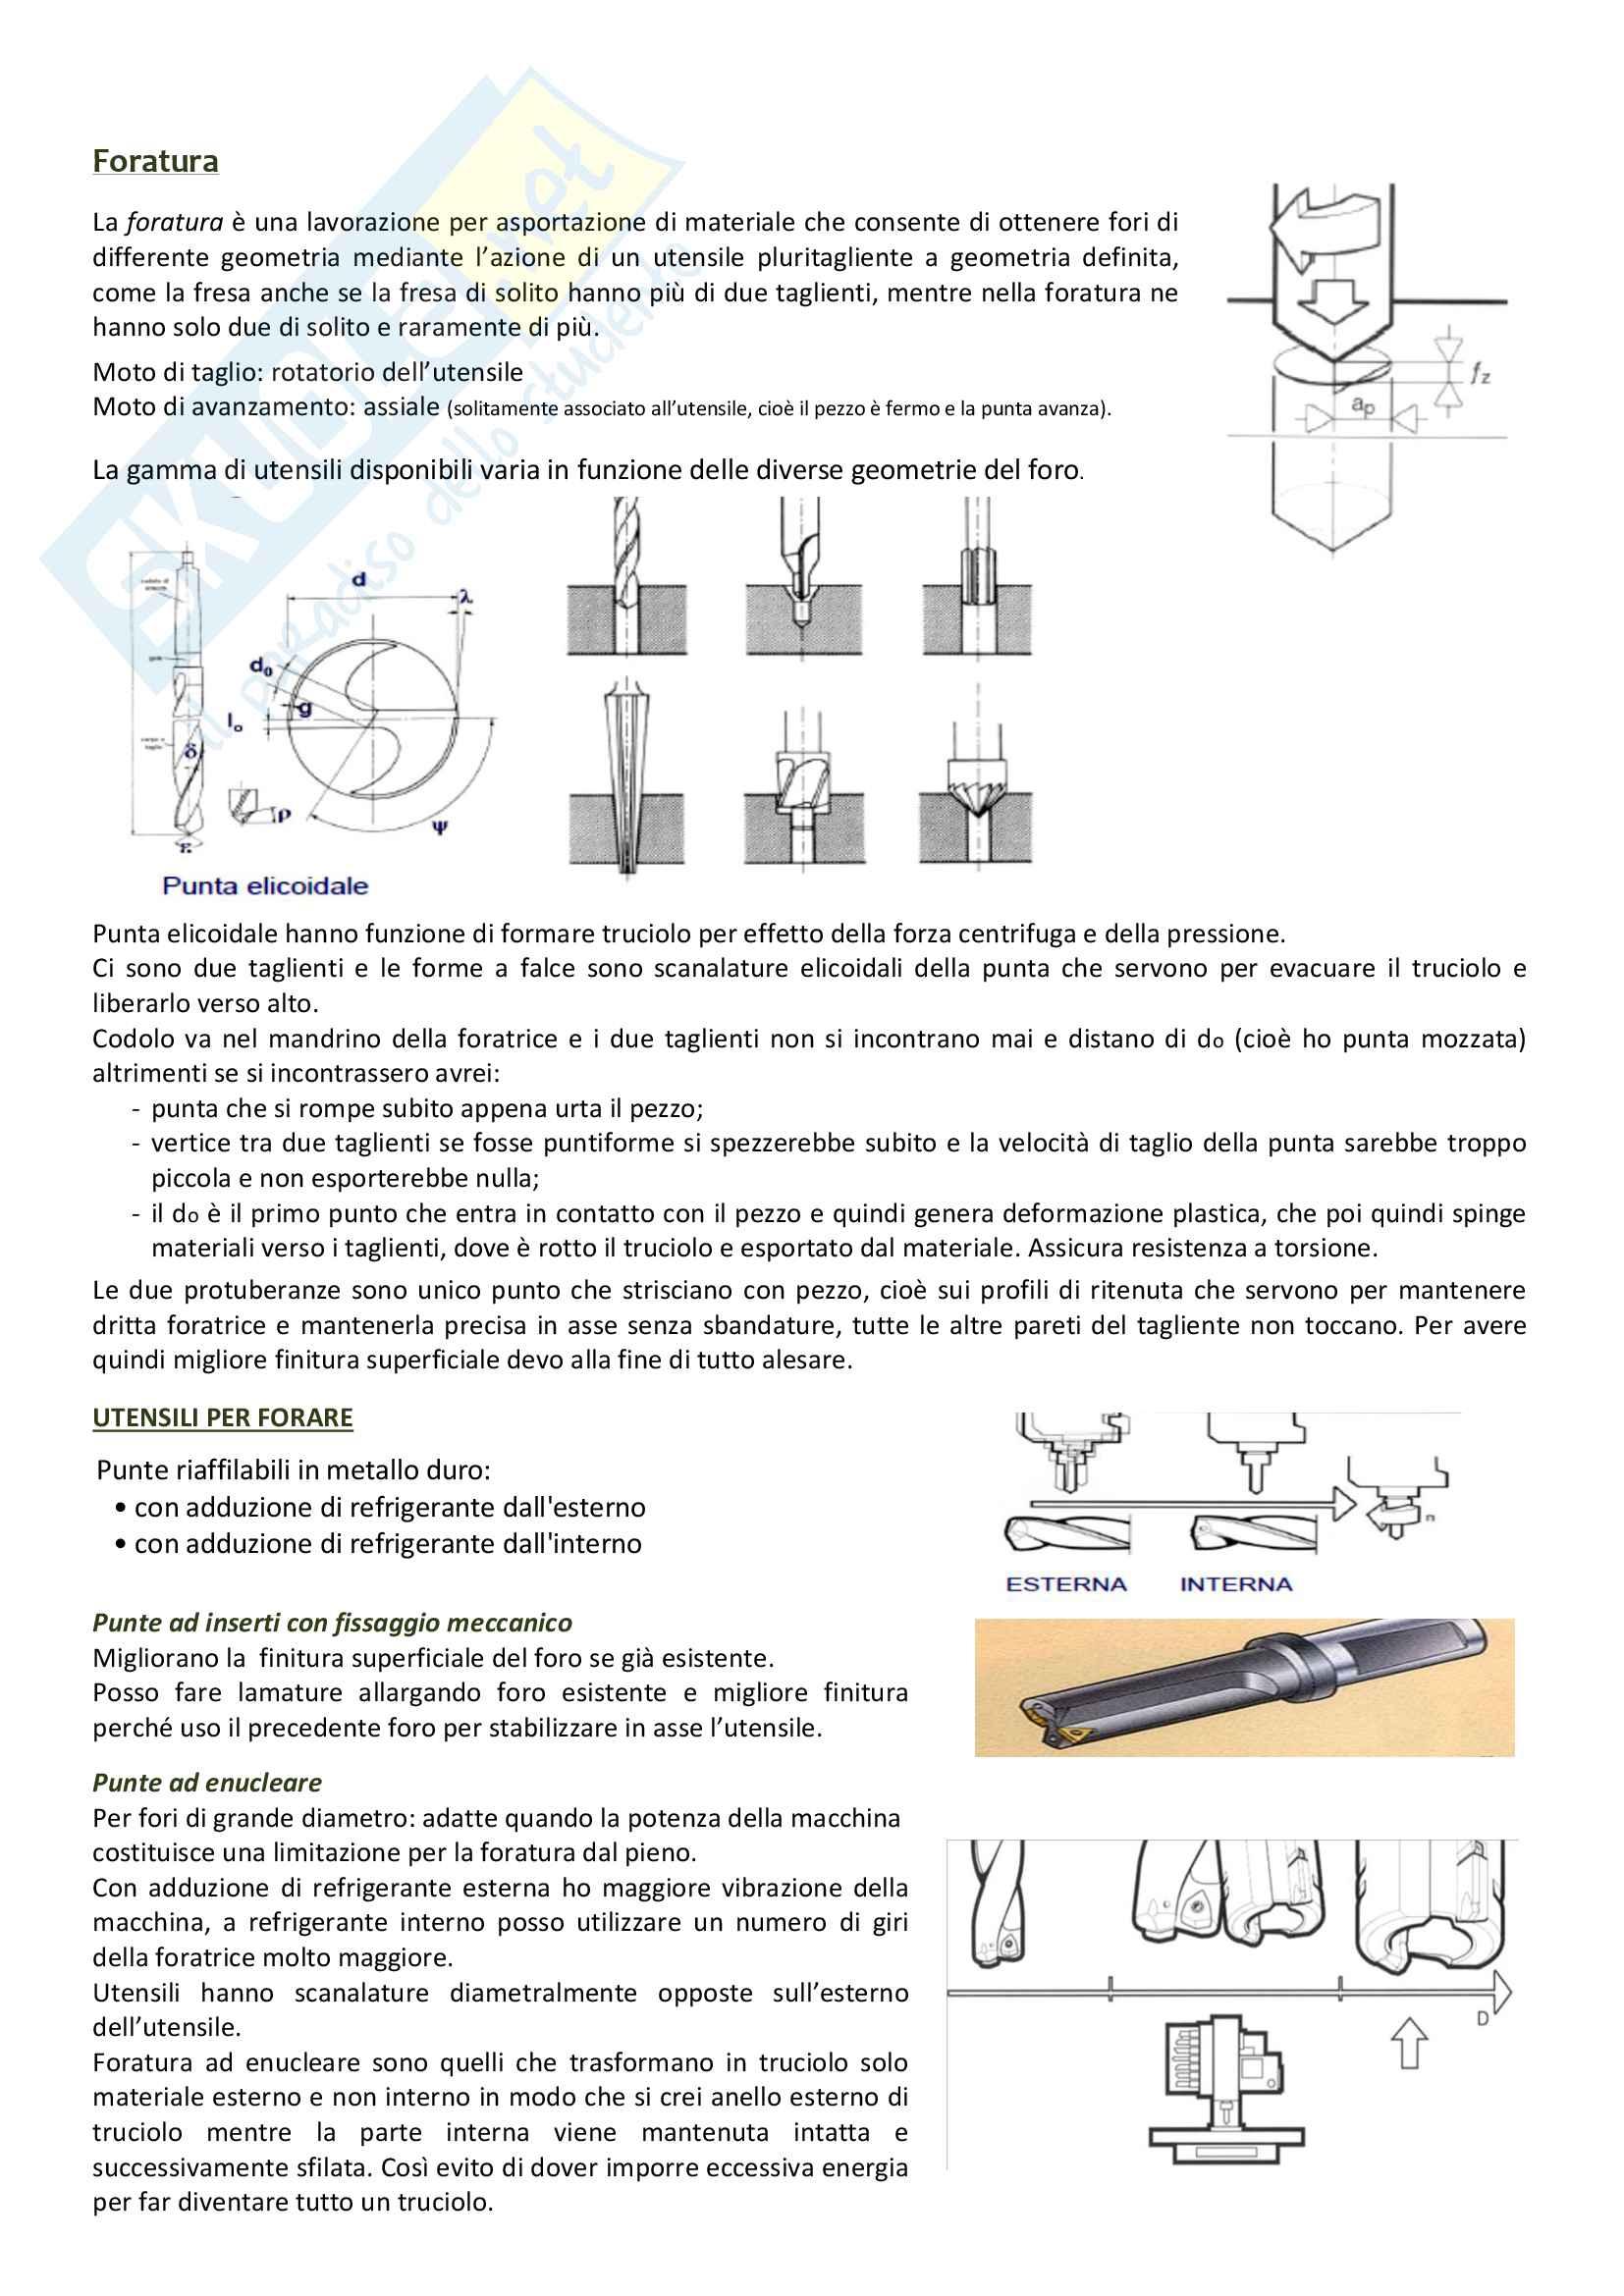 Lavorazioni per asportazione di truciolo, tornitura, fresatura, foratura: Appunti Tecnologie generali Pag. 16